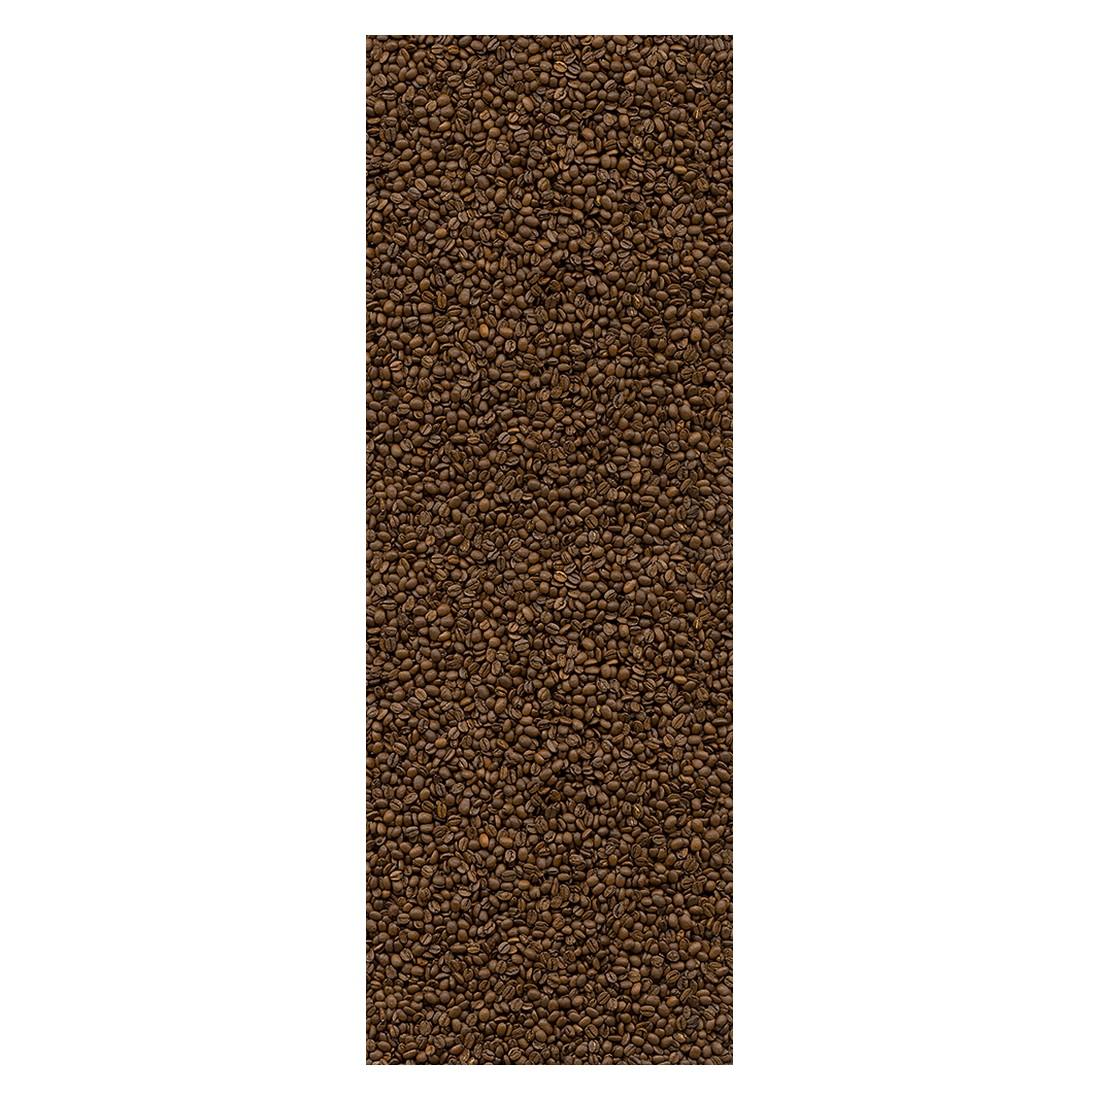 Decopanel Roasted flavour – braun – glatt, Architects Paper bestellen